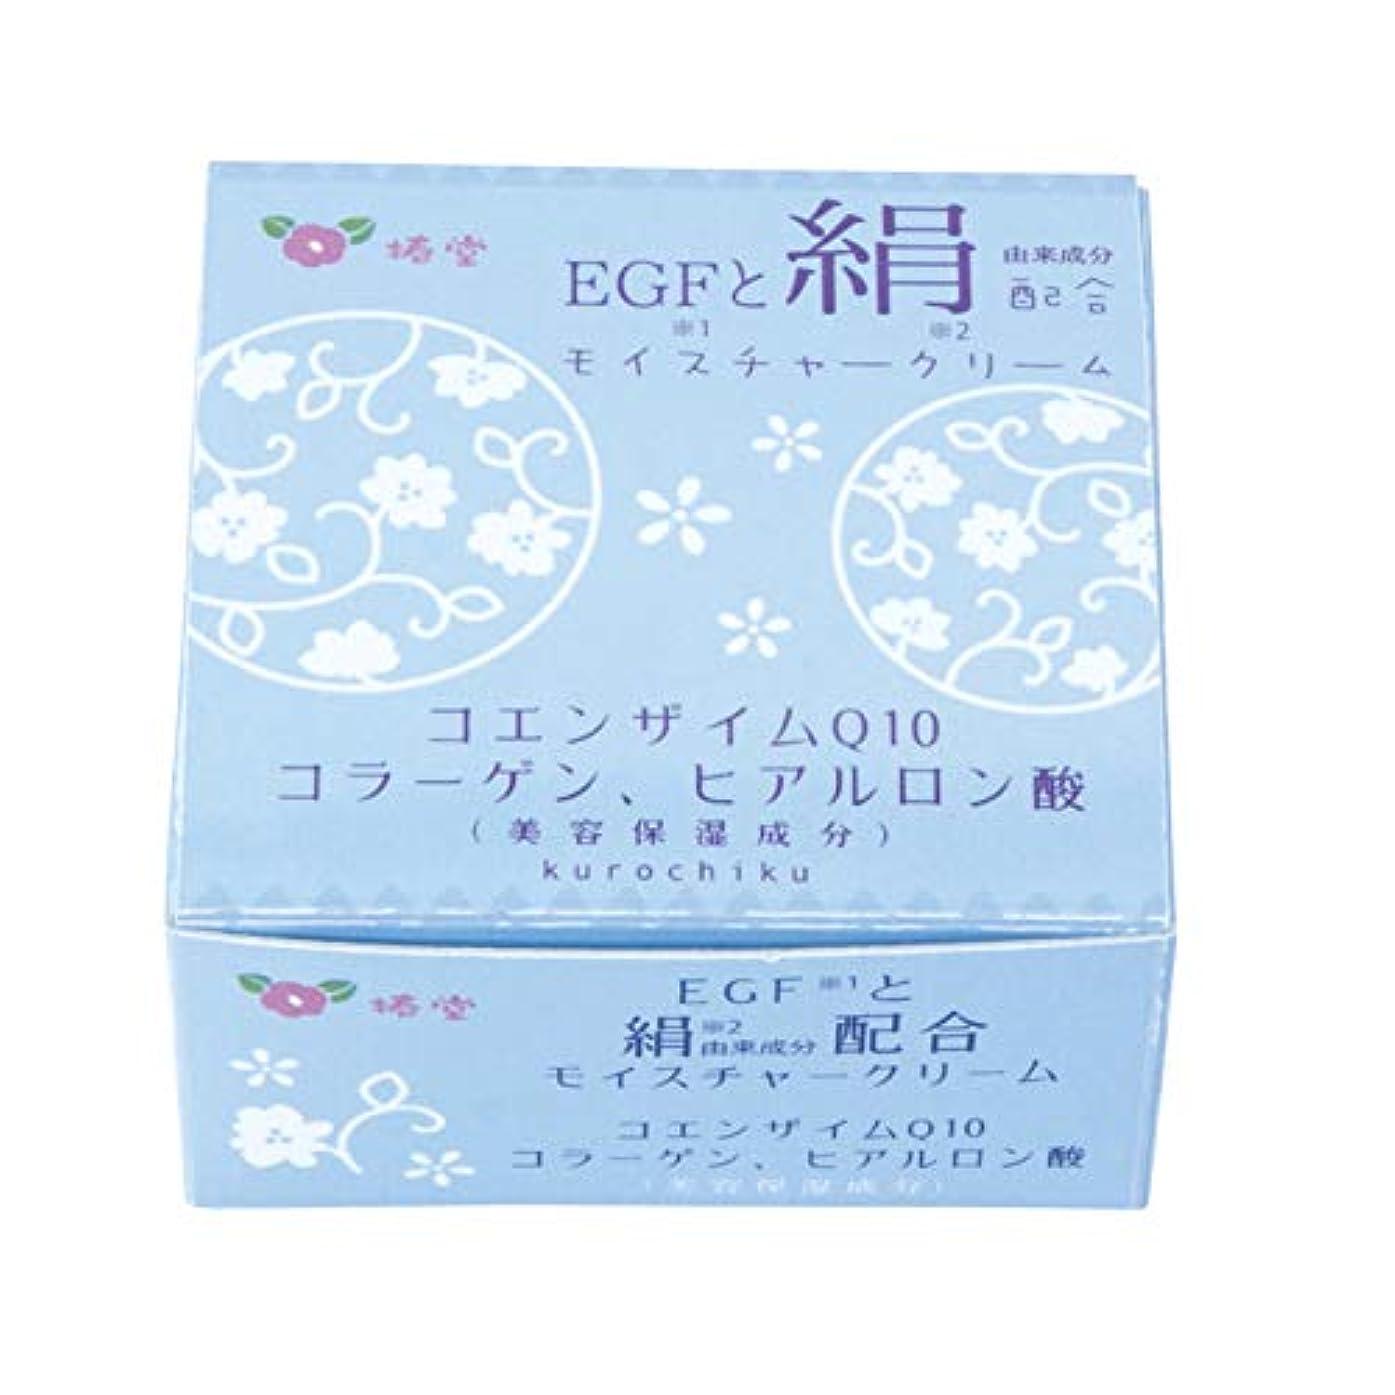 椿堂 絹モイスチャークリーム (FGFと絹) 京都くろちく